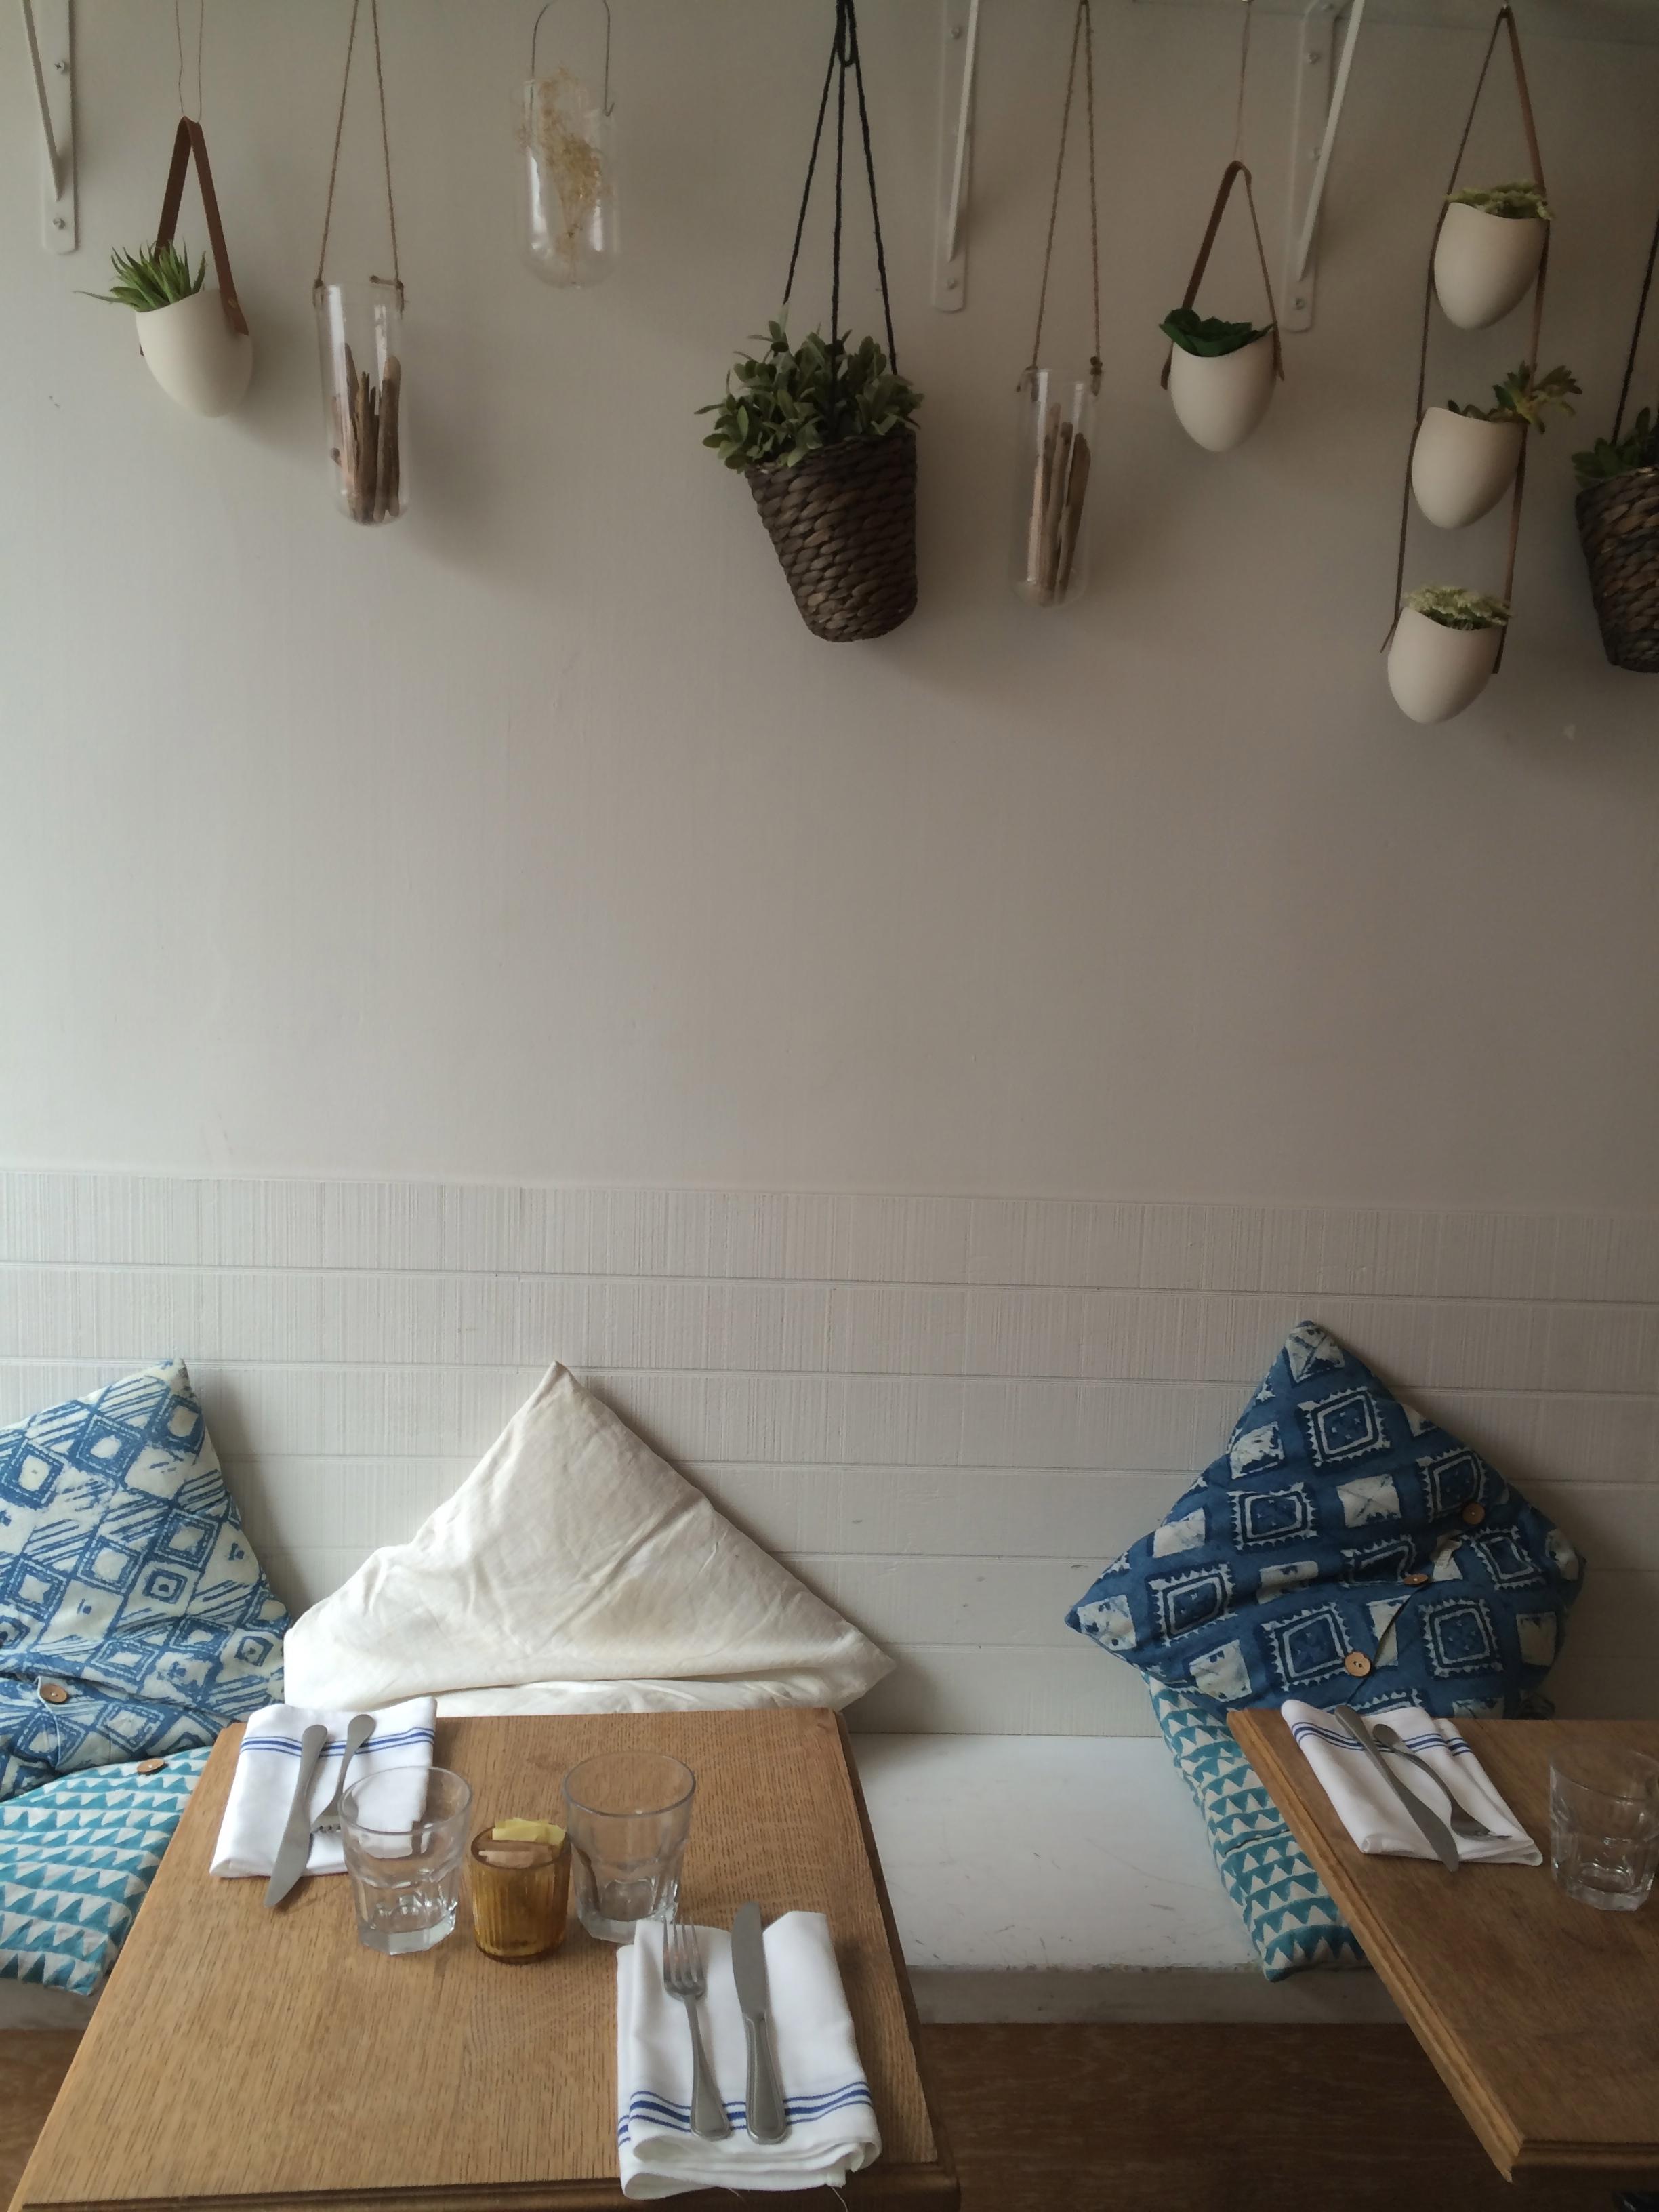 We ate breakfast at Bluestone Lane Cafe in Greenwich. Great decor..